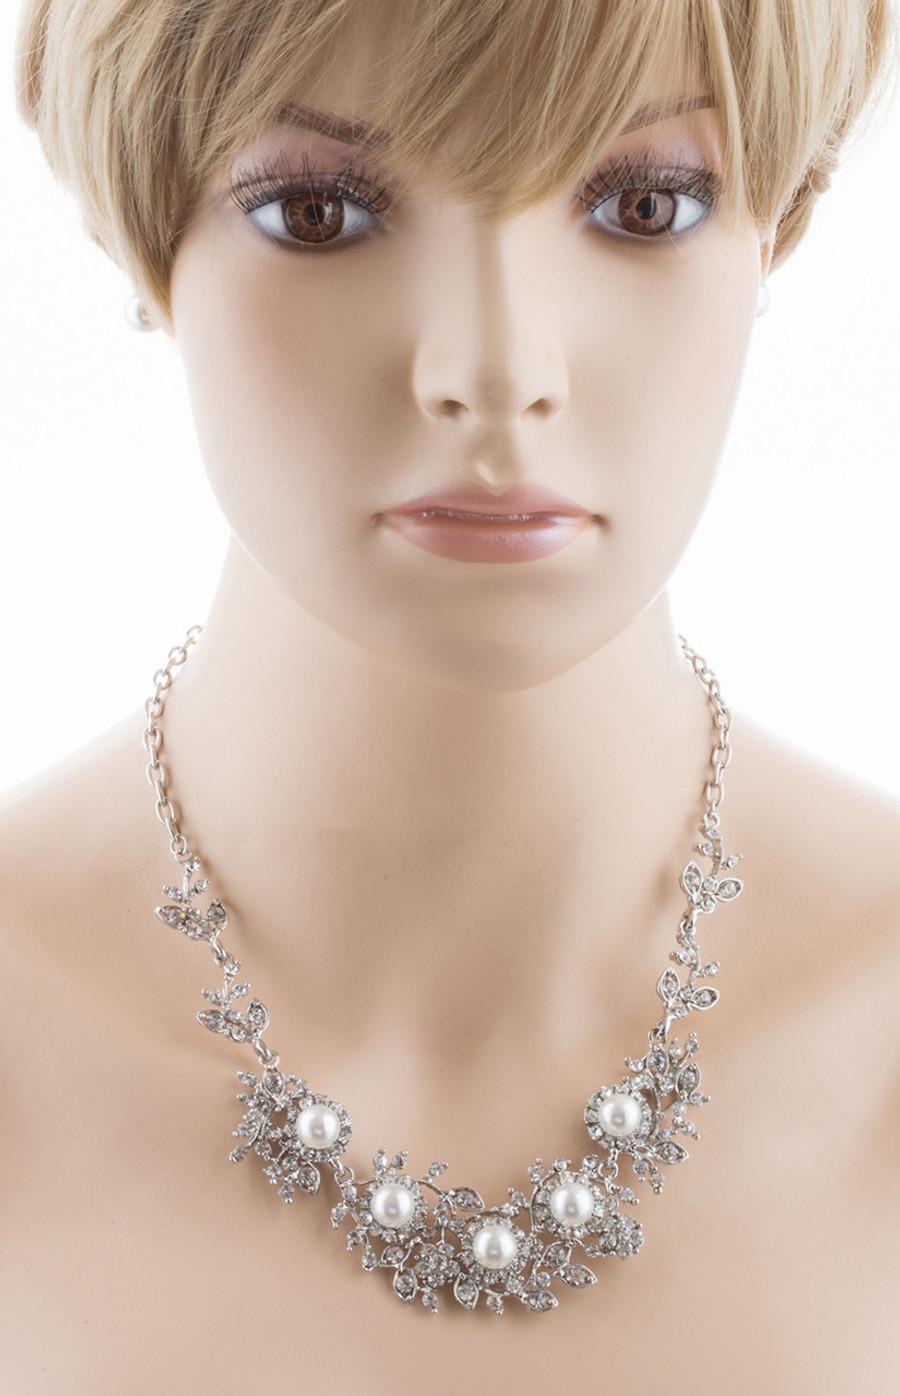 Bridal Wedding Jewelry Crystal Rhinestone Pearl Brilliant Elegant Necklace SV